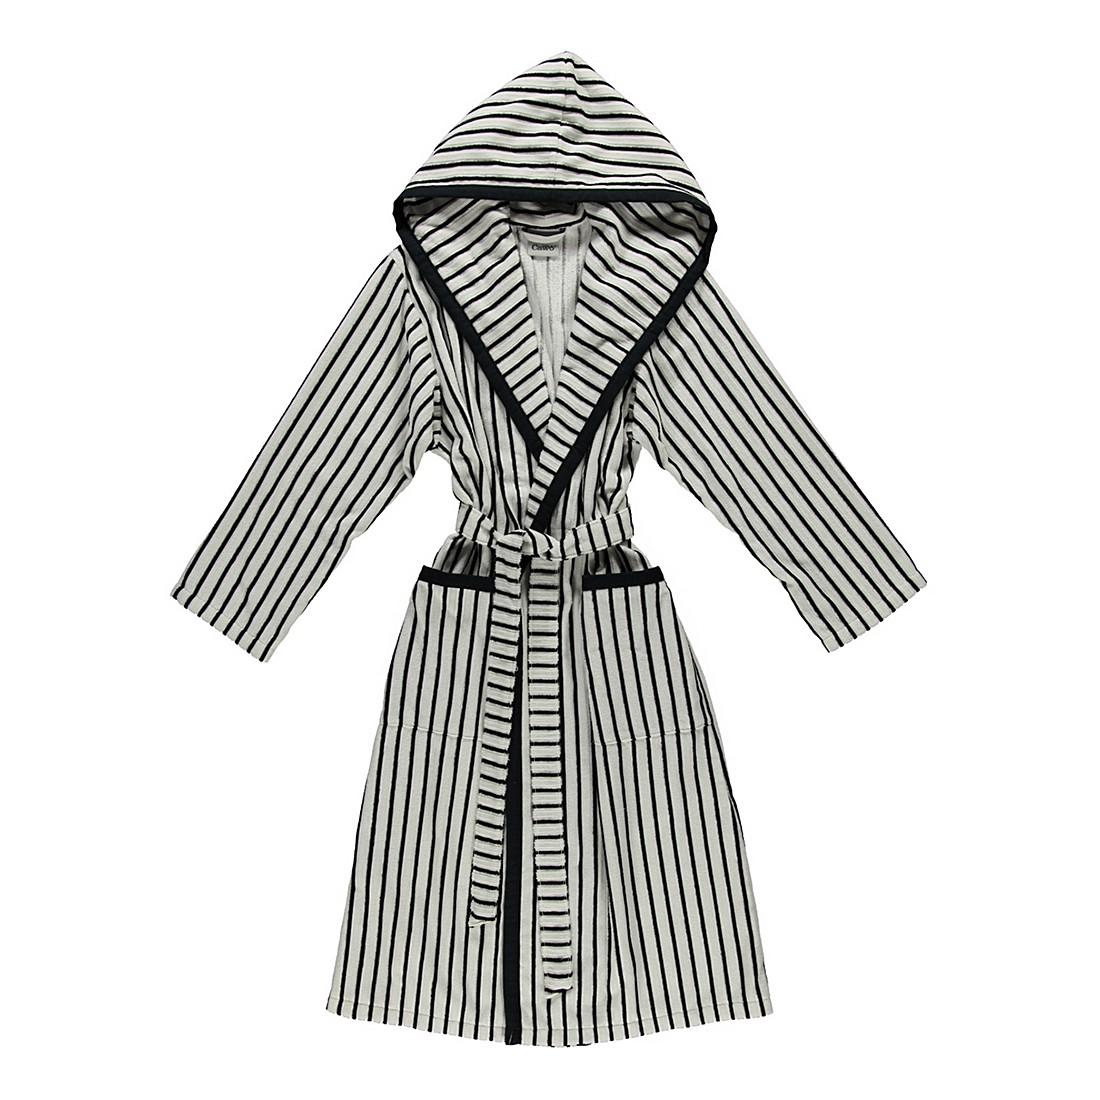 Bademantel 3441 – Damen – Velours – 100% Baumwolle Schwarz/Weiß – 96 – Größe: L, Cawö günstig kaufen